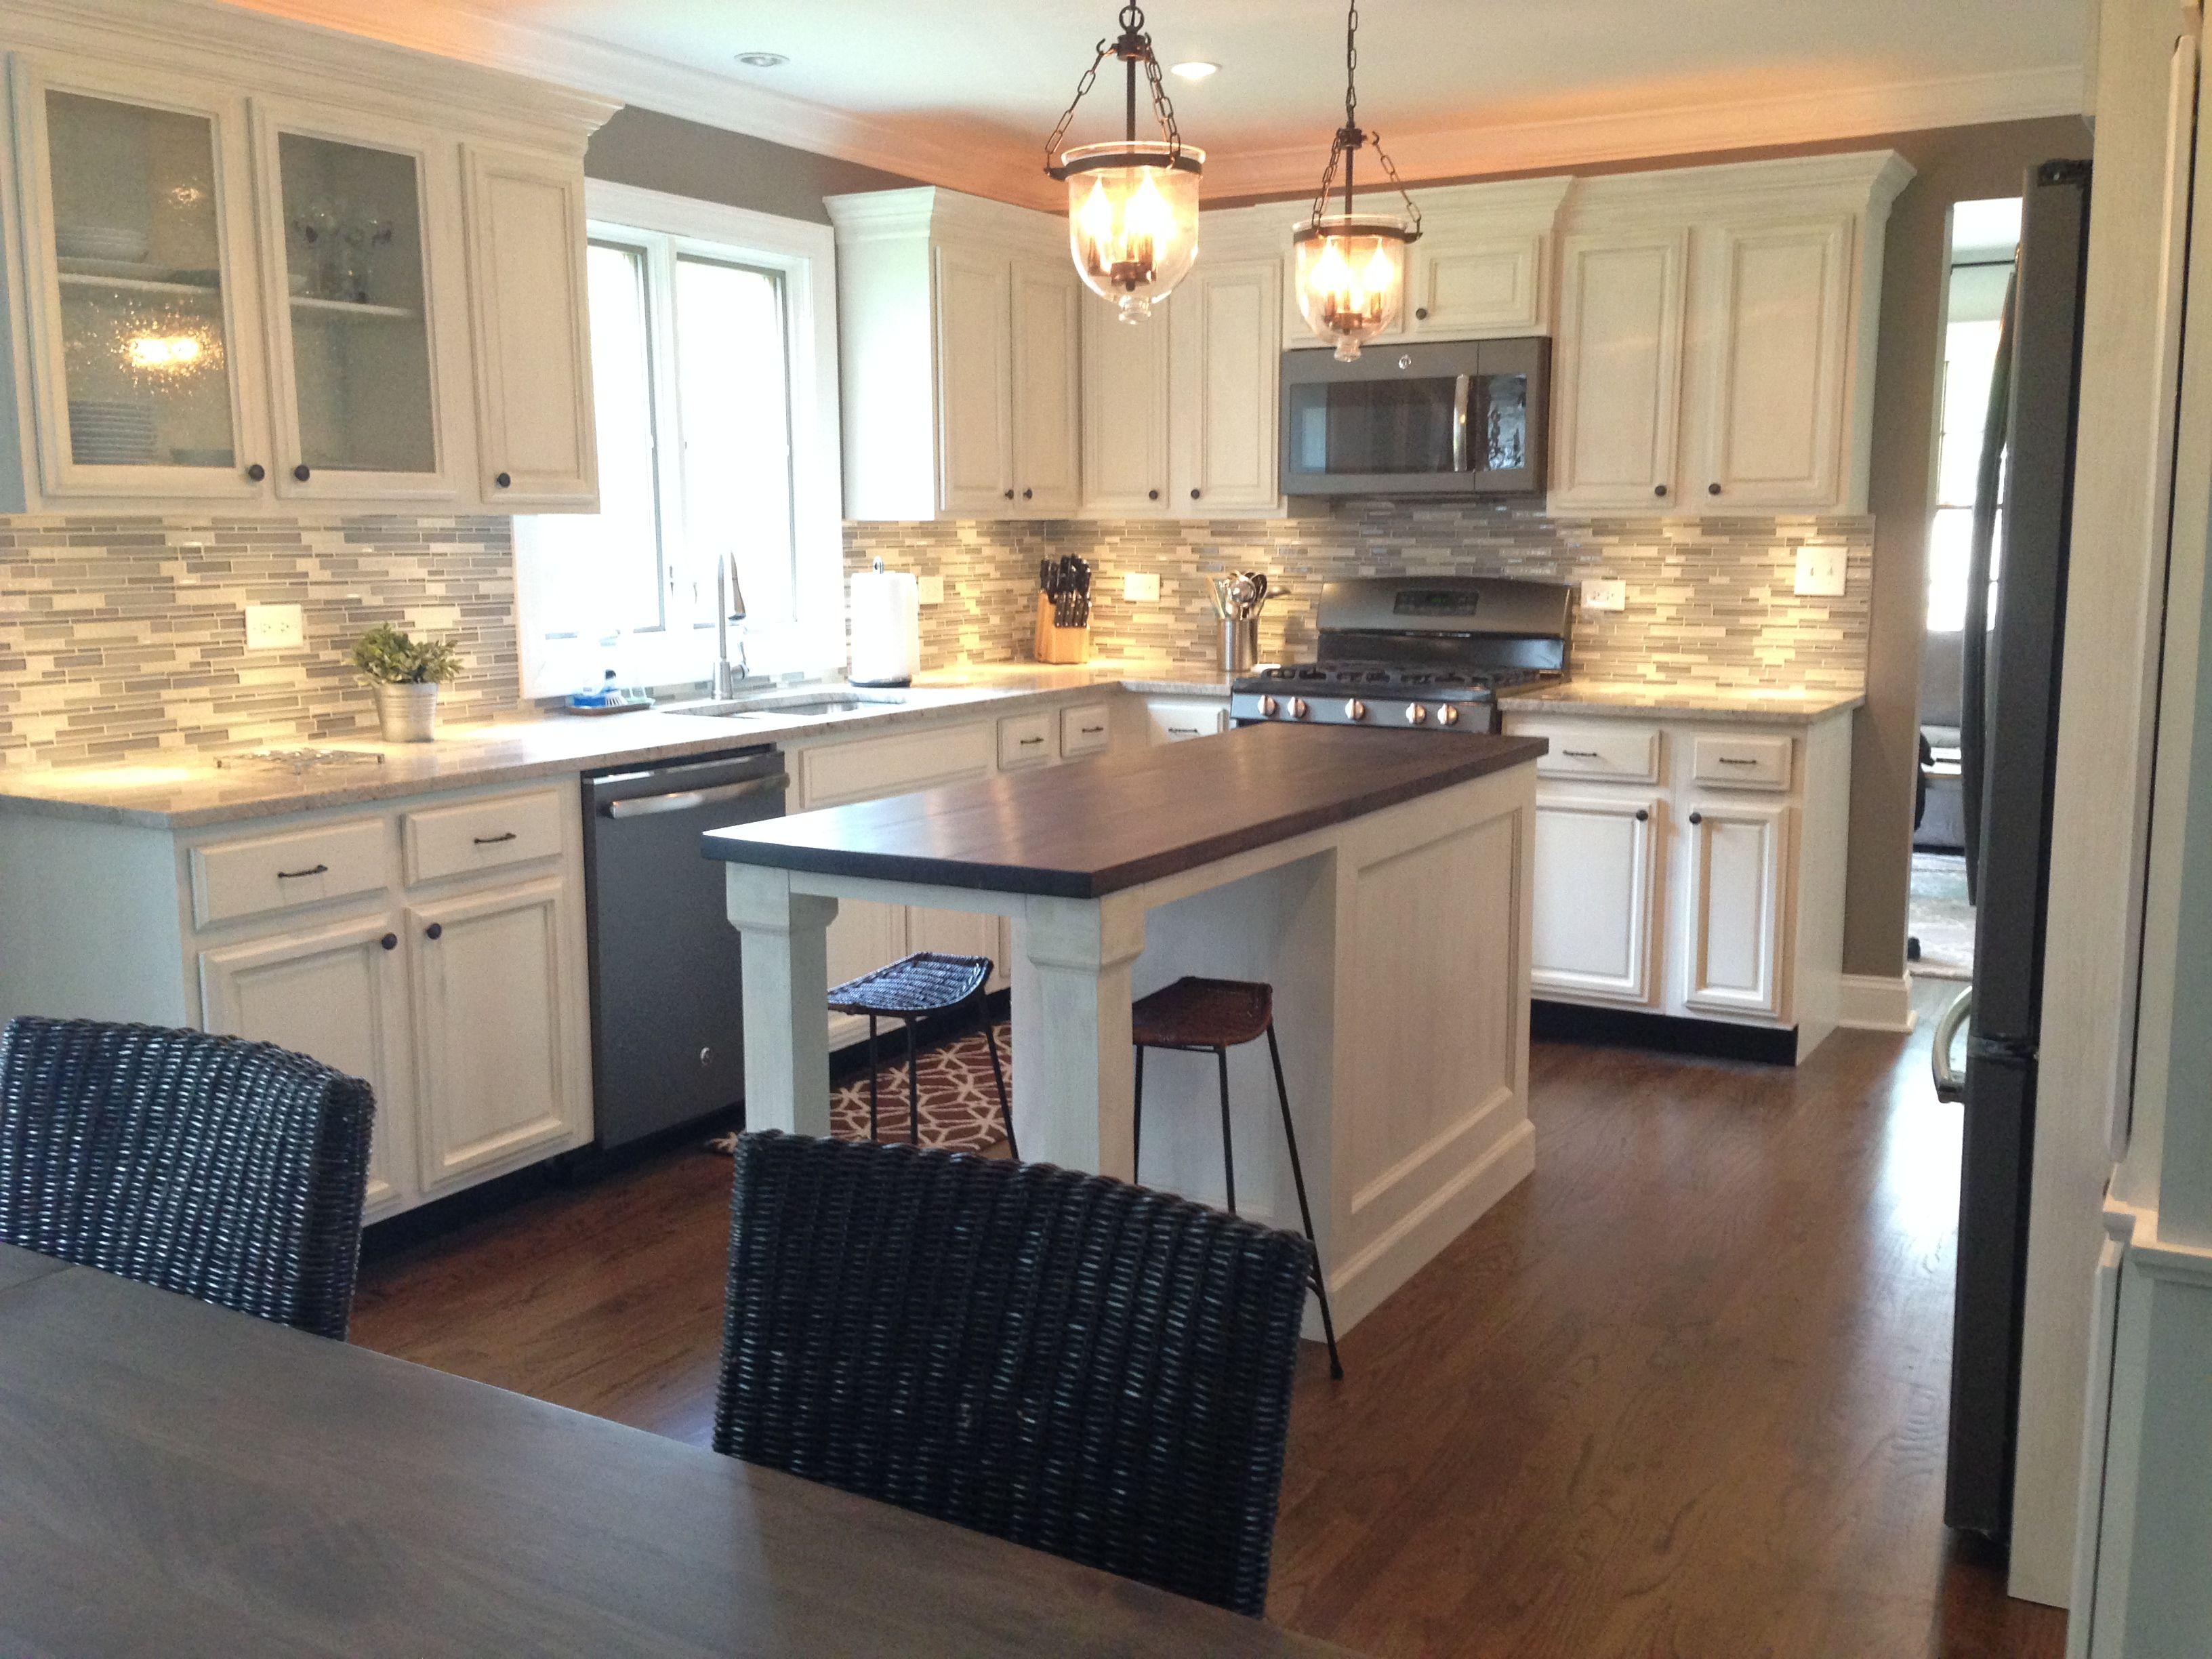 Kitchen remodel, butcher block island, tile backsplash ...